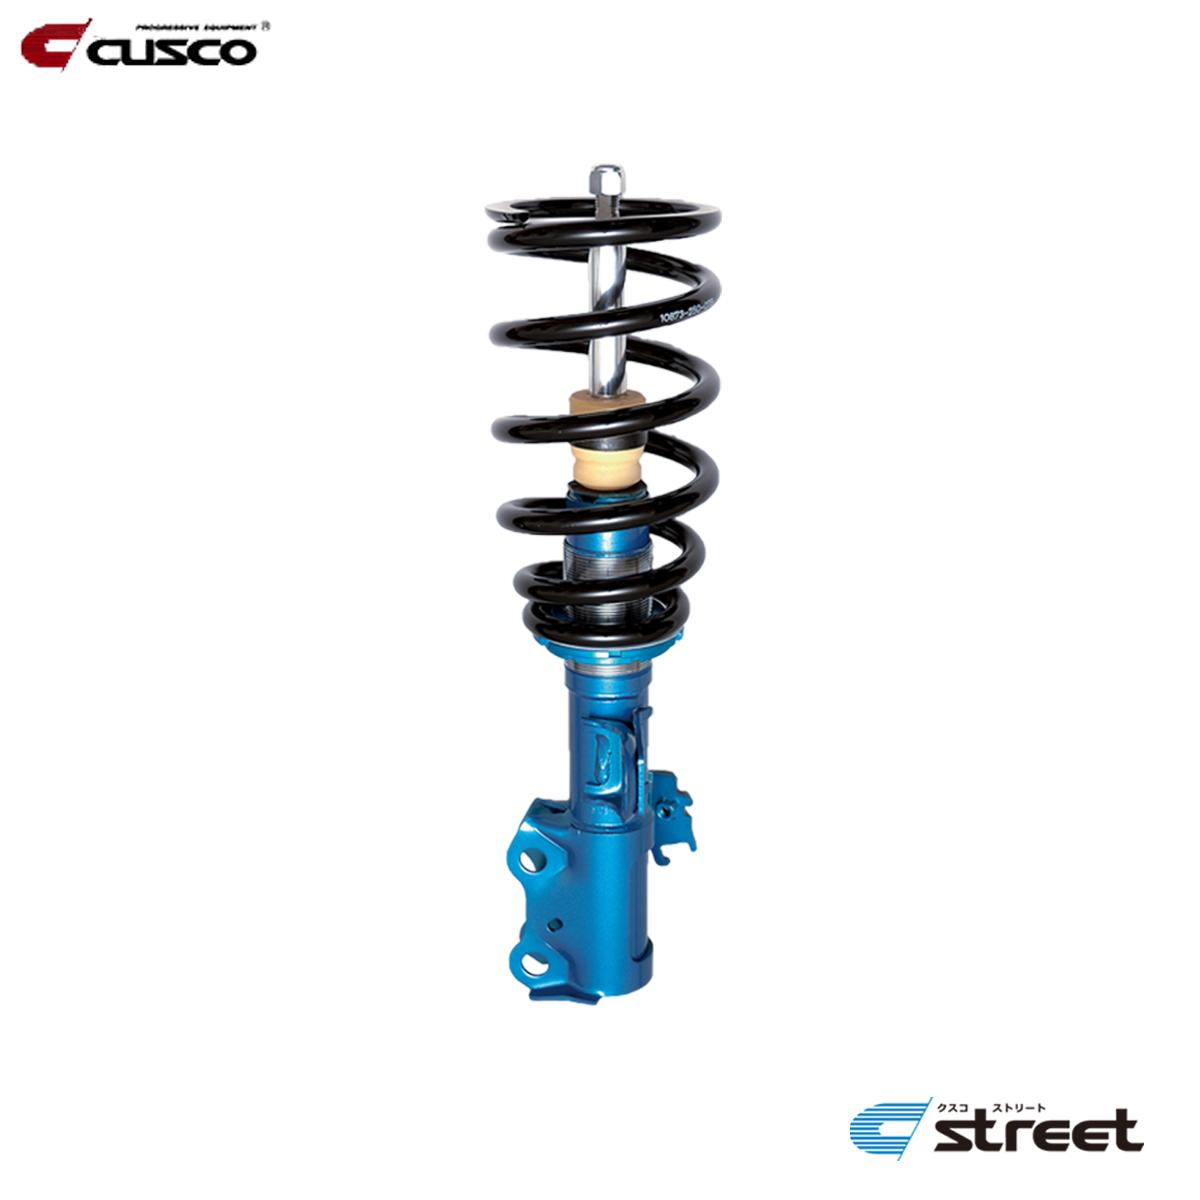 CUSCO クスコ エスティマハイブリッド AHR10W 車高調 全長固定式 813-62K-CBA ストリート ゼロA STREET ZERO A